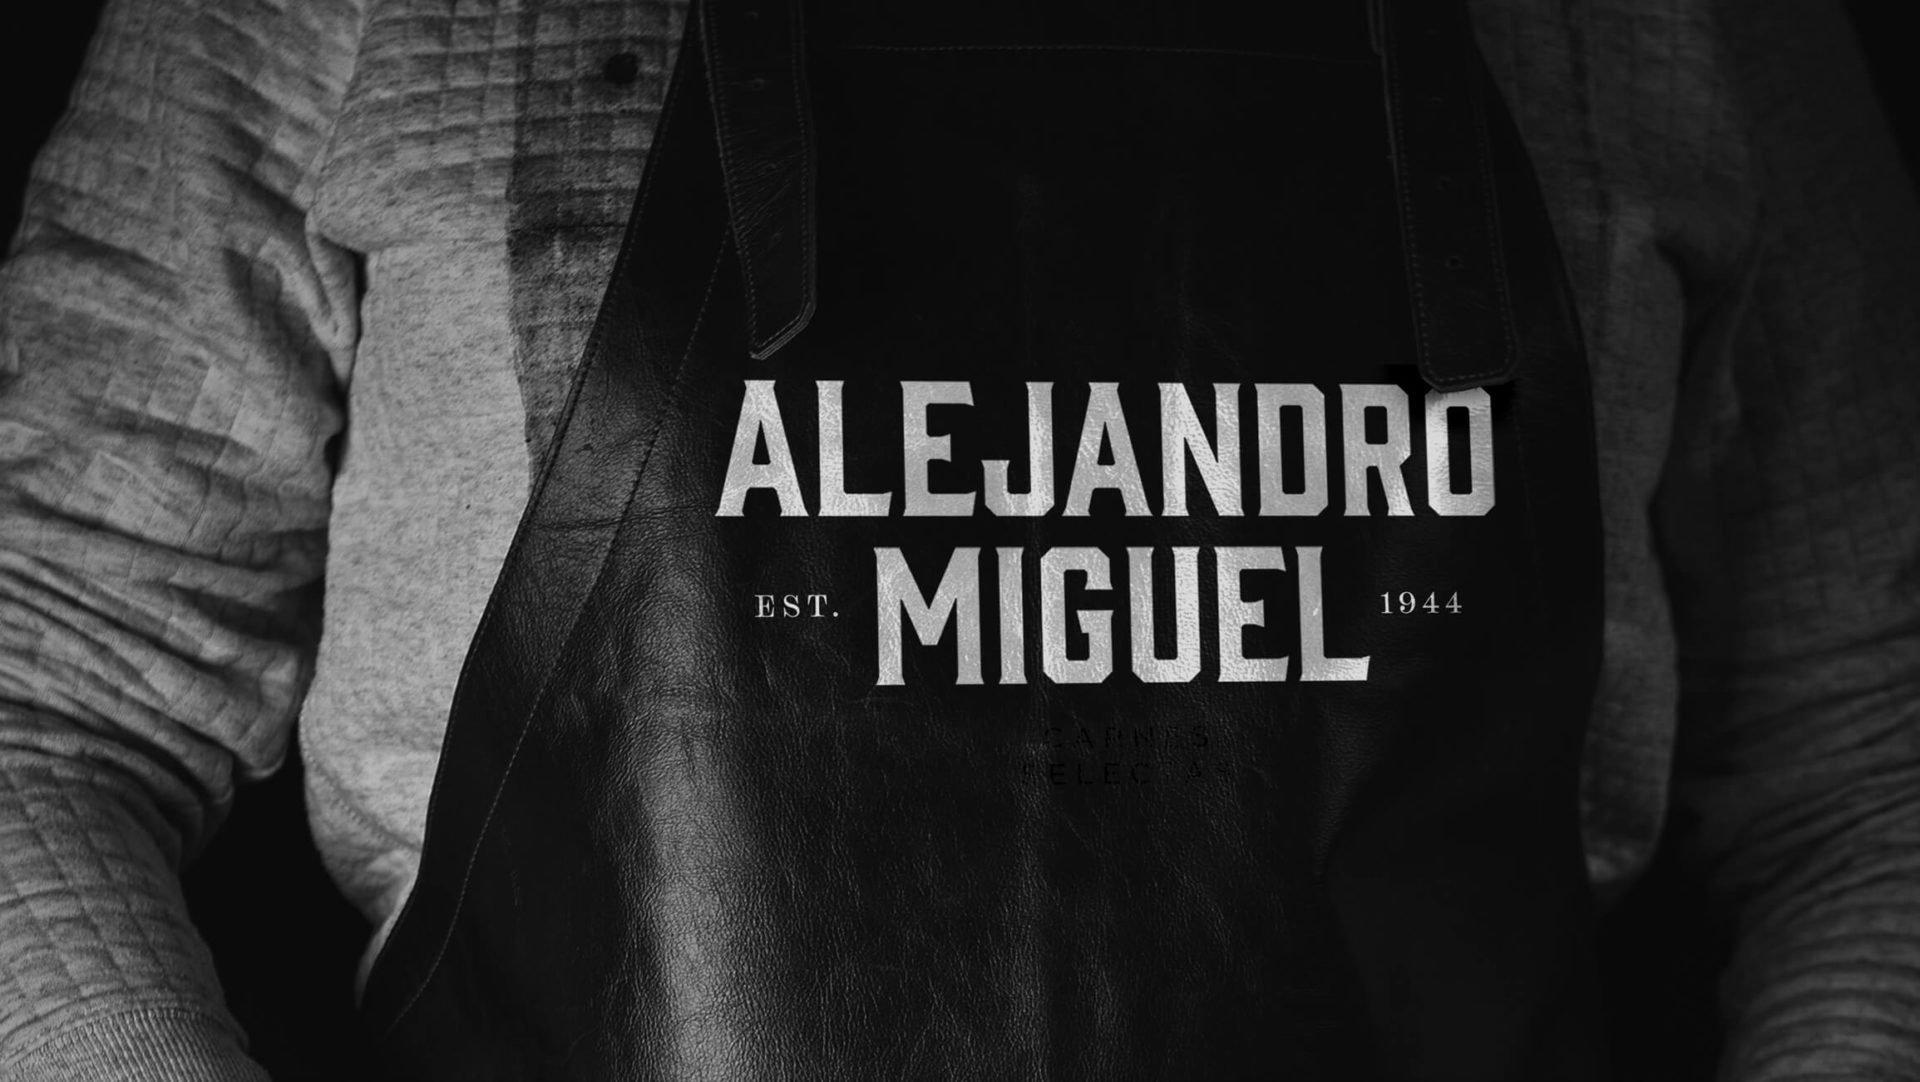 merchadising-delantal-alejandro-miguel